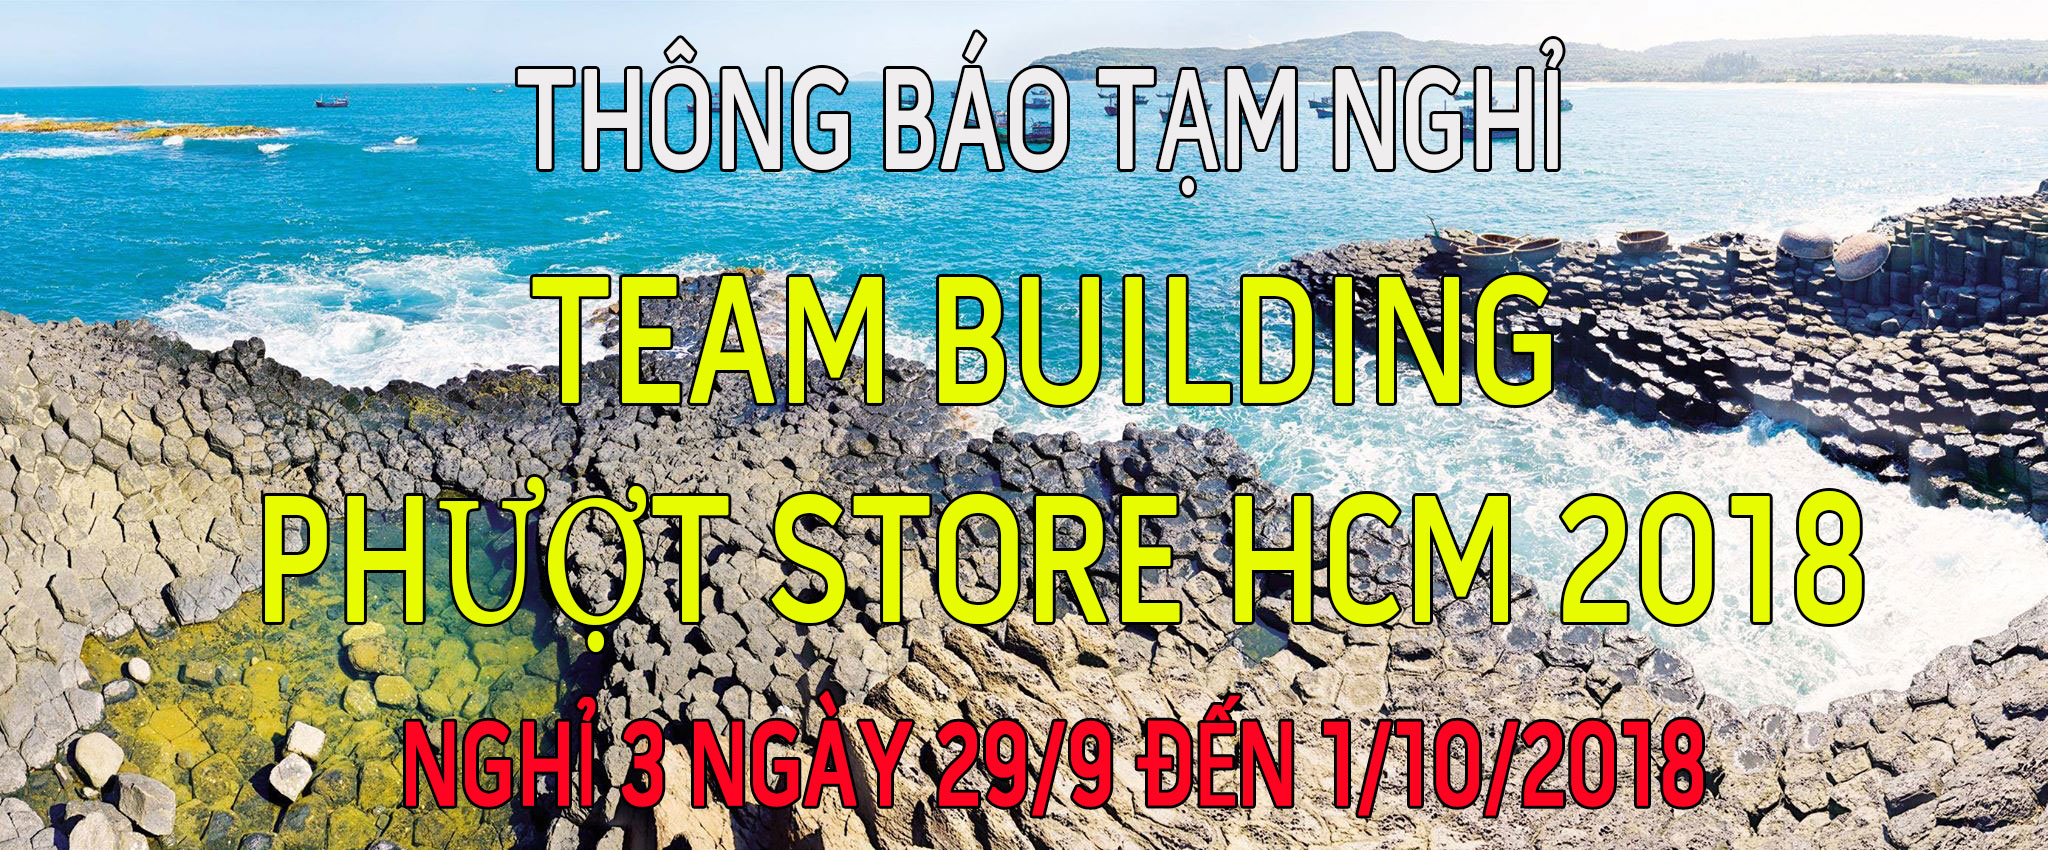 Team Building Phượt Store HCM 2018